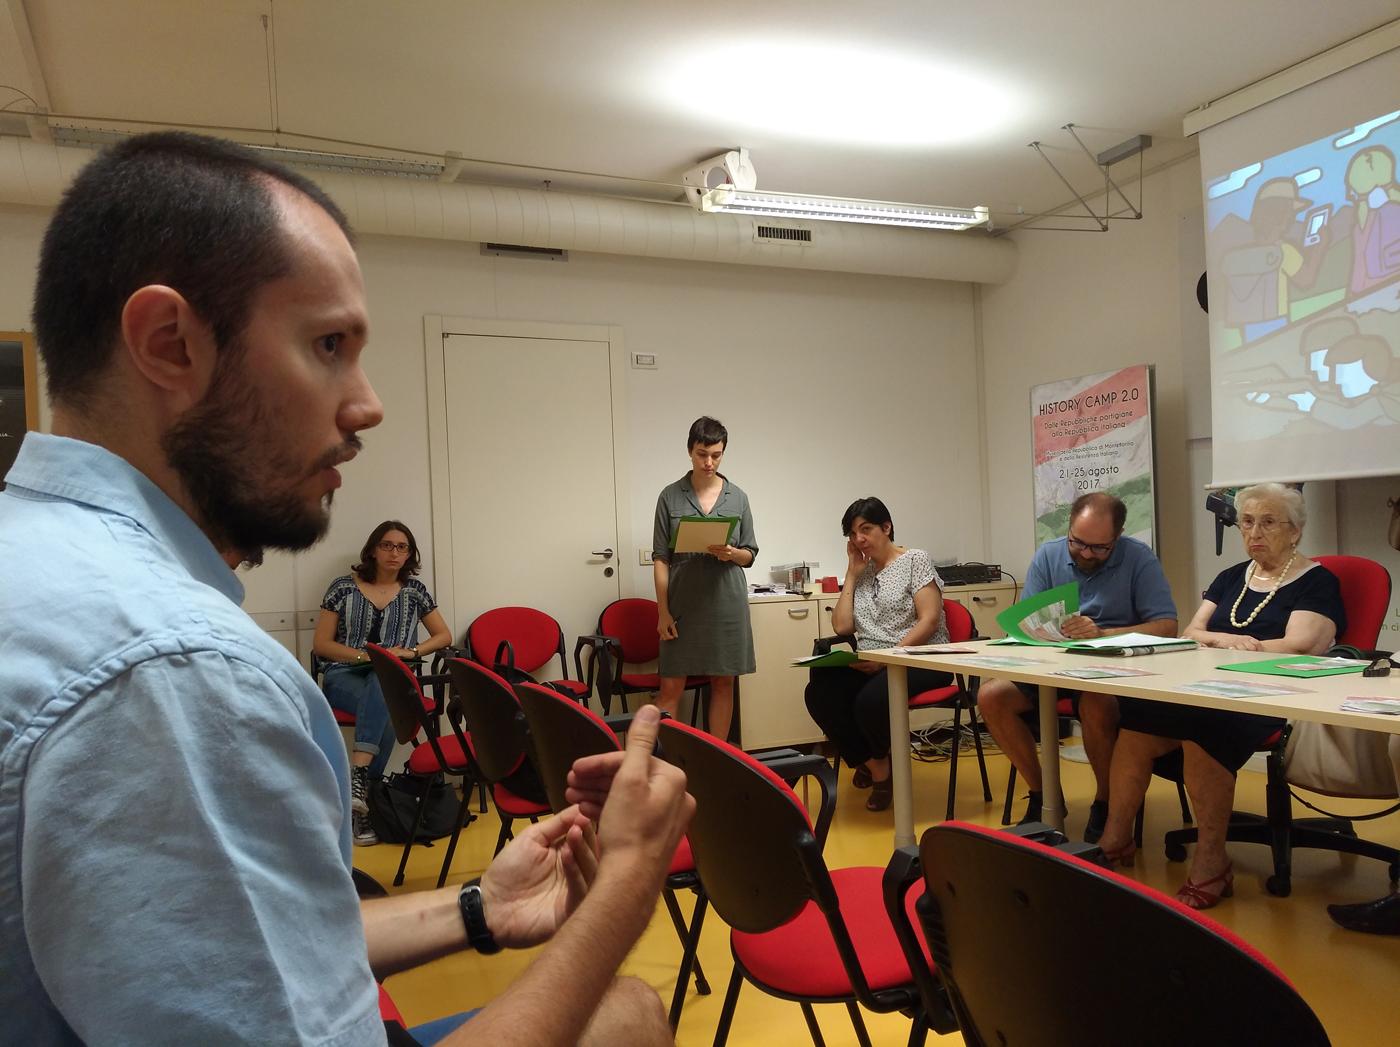 History Camp 2.0; intervento di Daniel Degli Esposti alla conferenza stampa